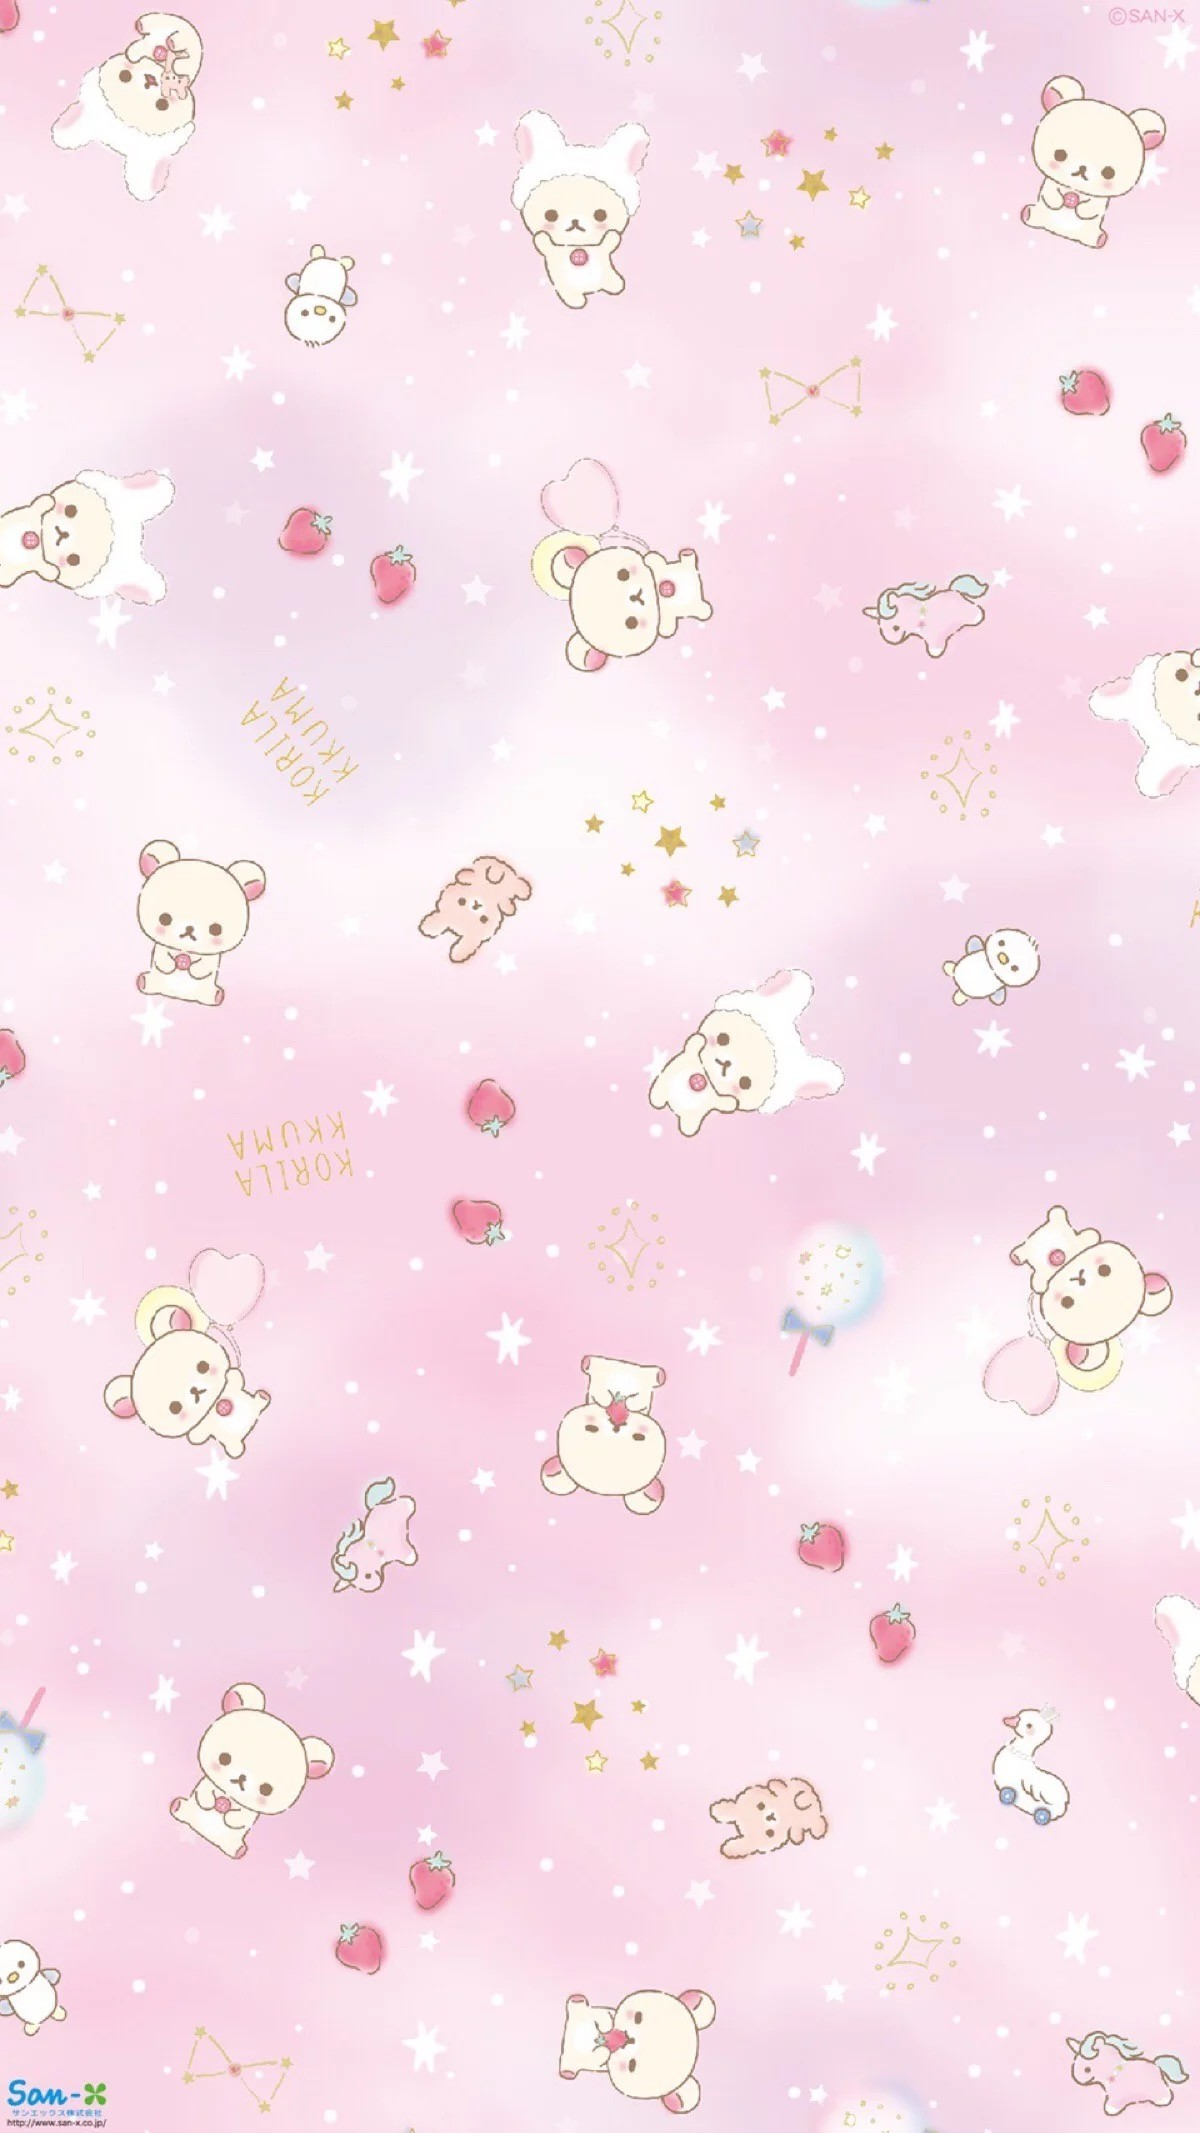 Cute Christmas Kitten Wallpaper Kawaii Strawberry Wallpaper 60 Images